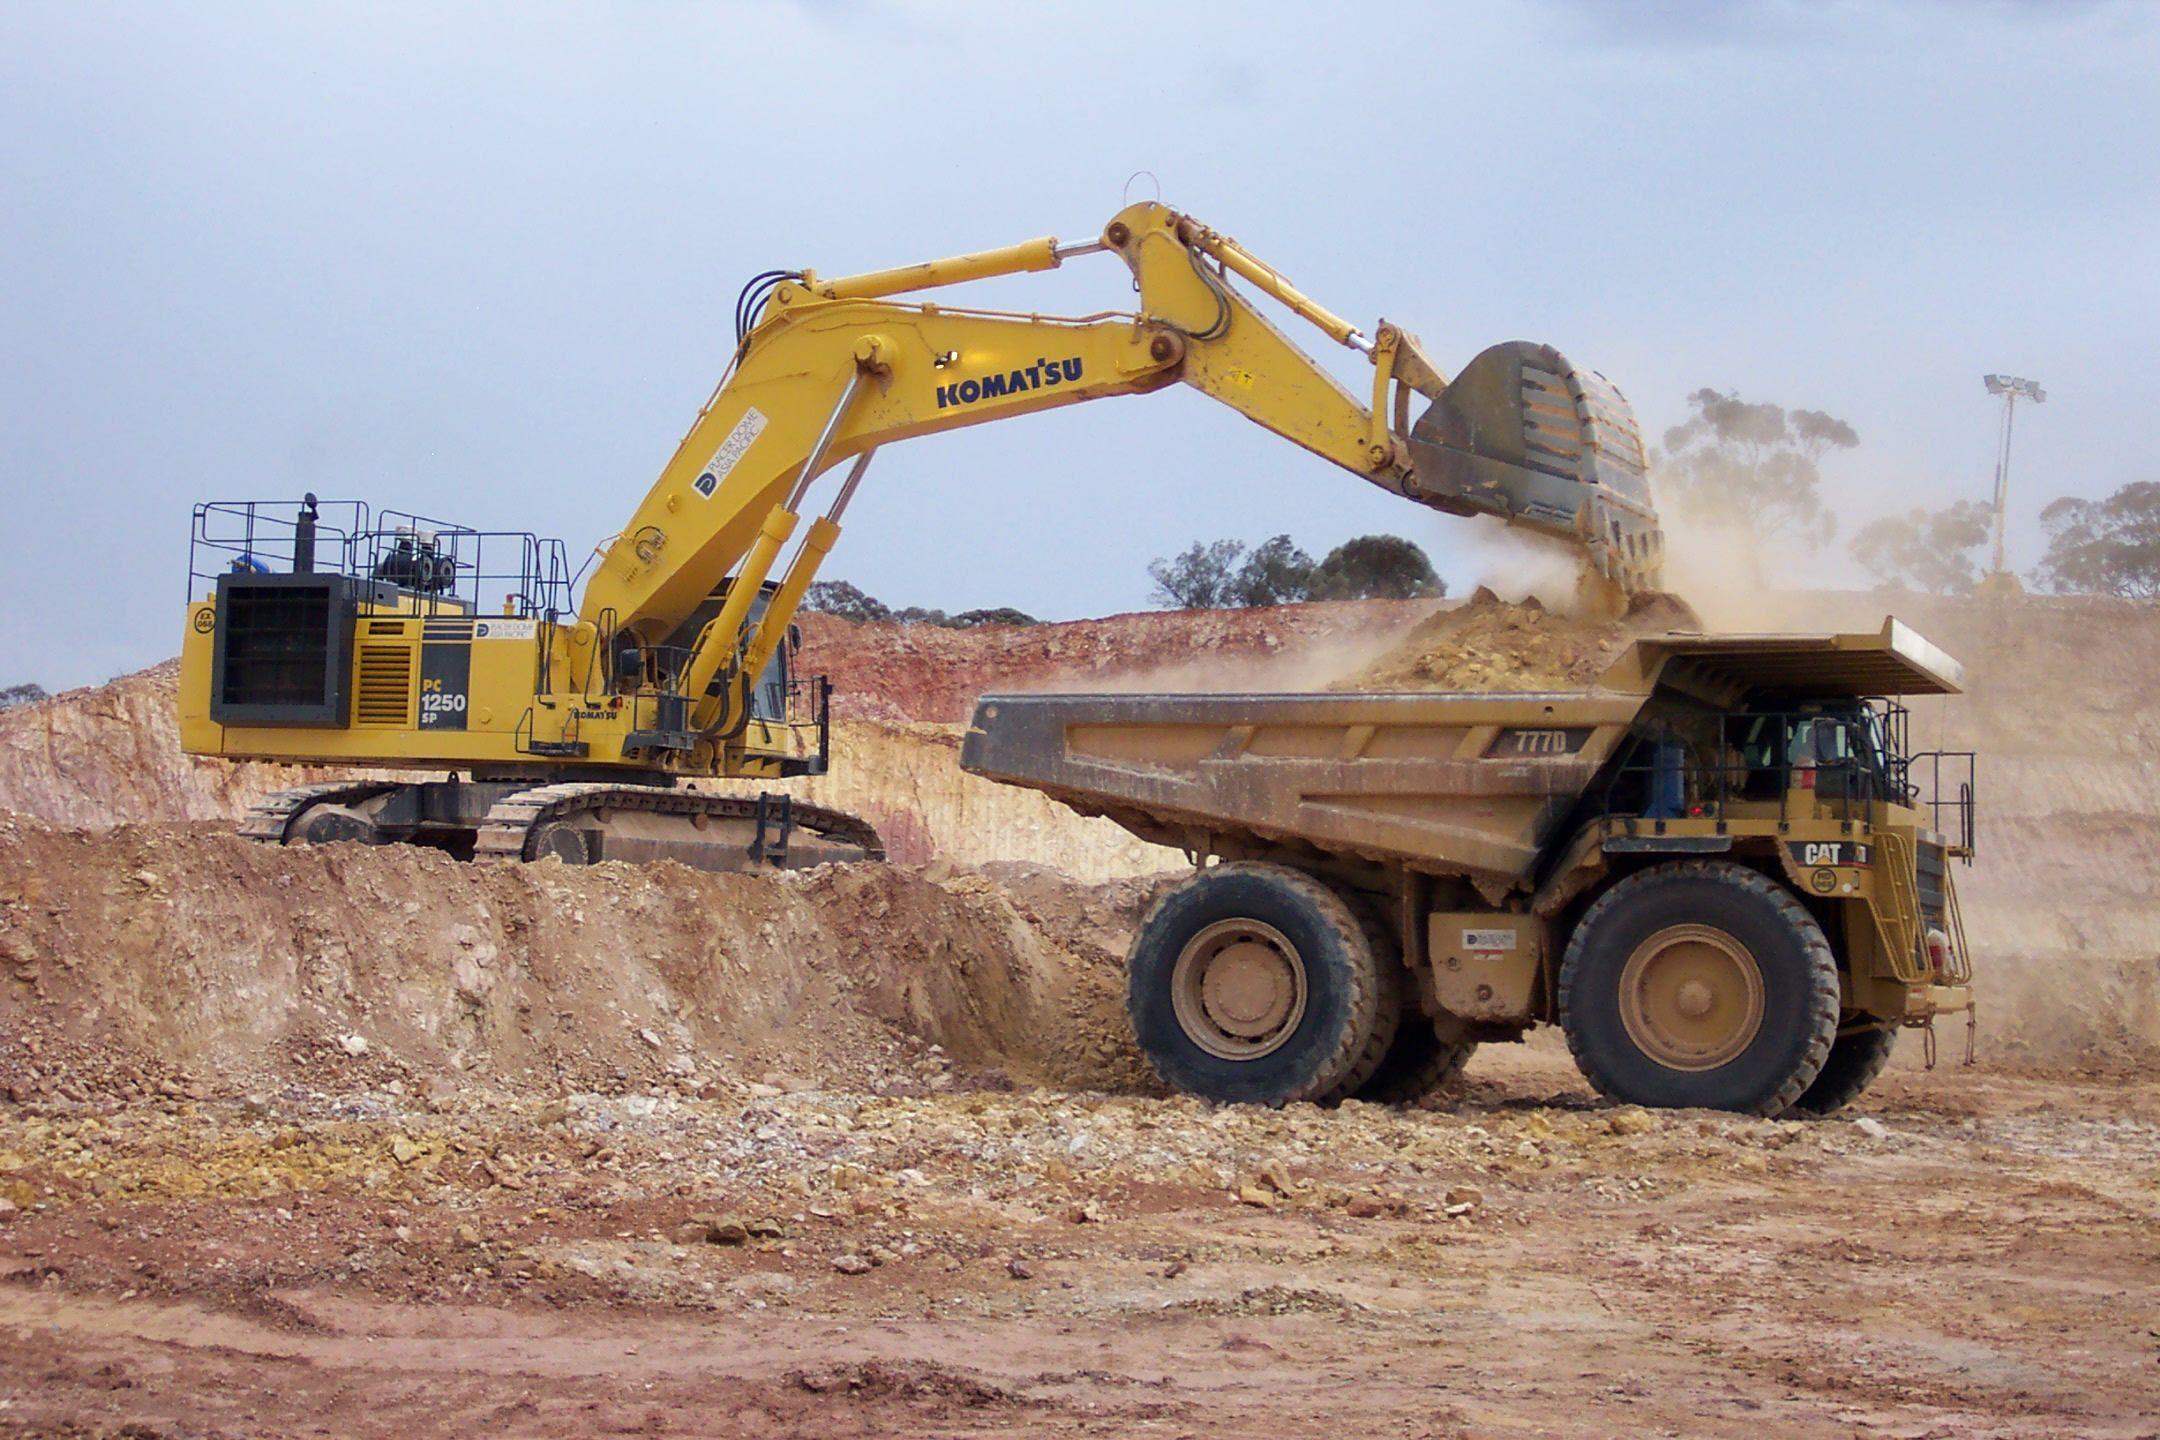 Types Of Excavators : Excavator emptying into dump truck bed little boys big